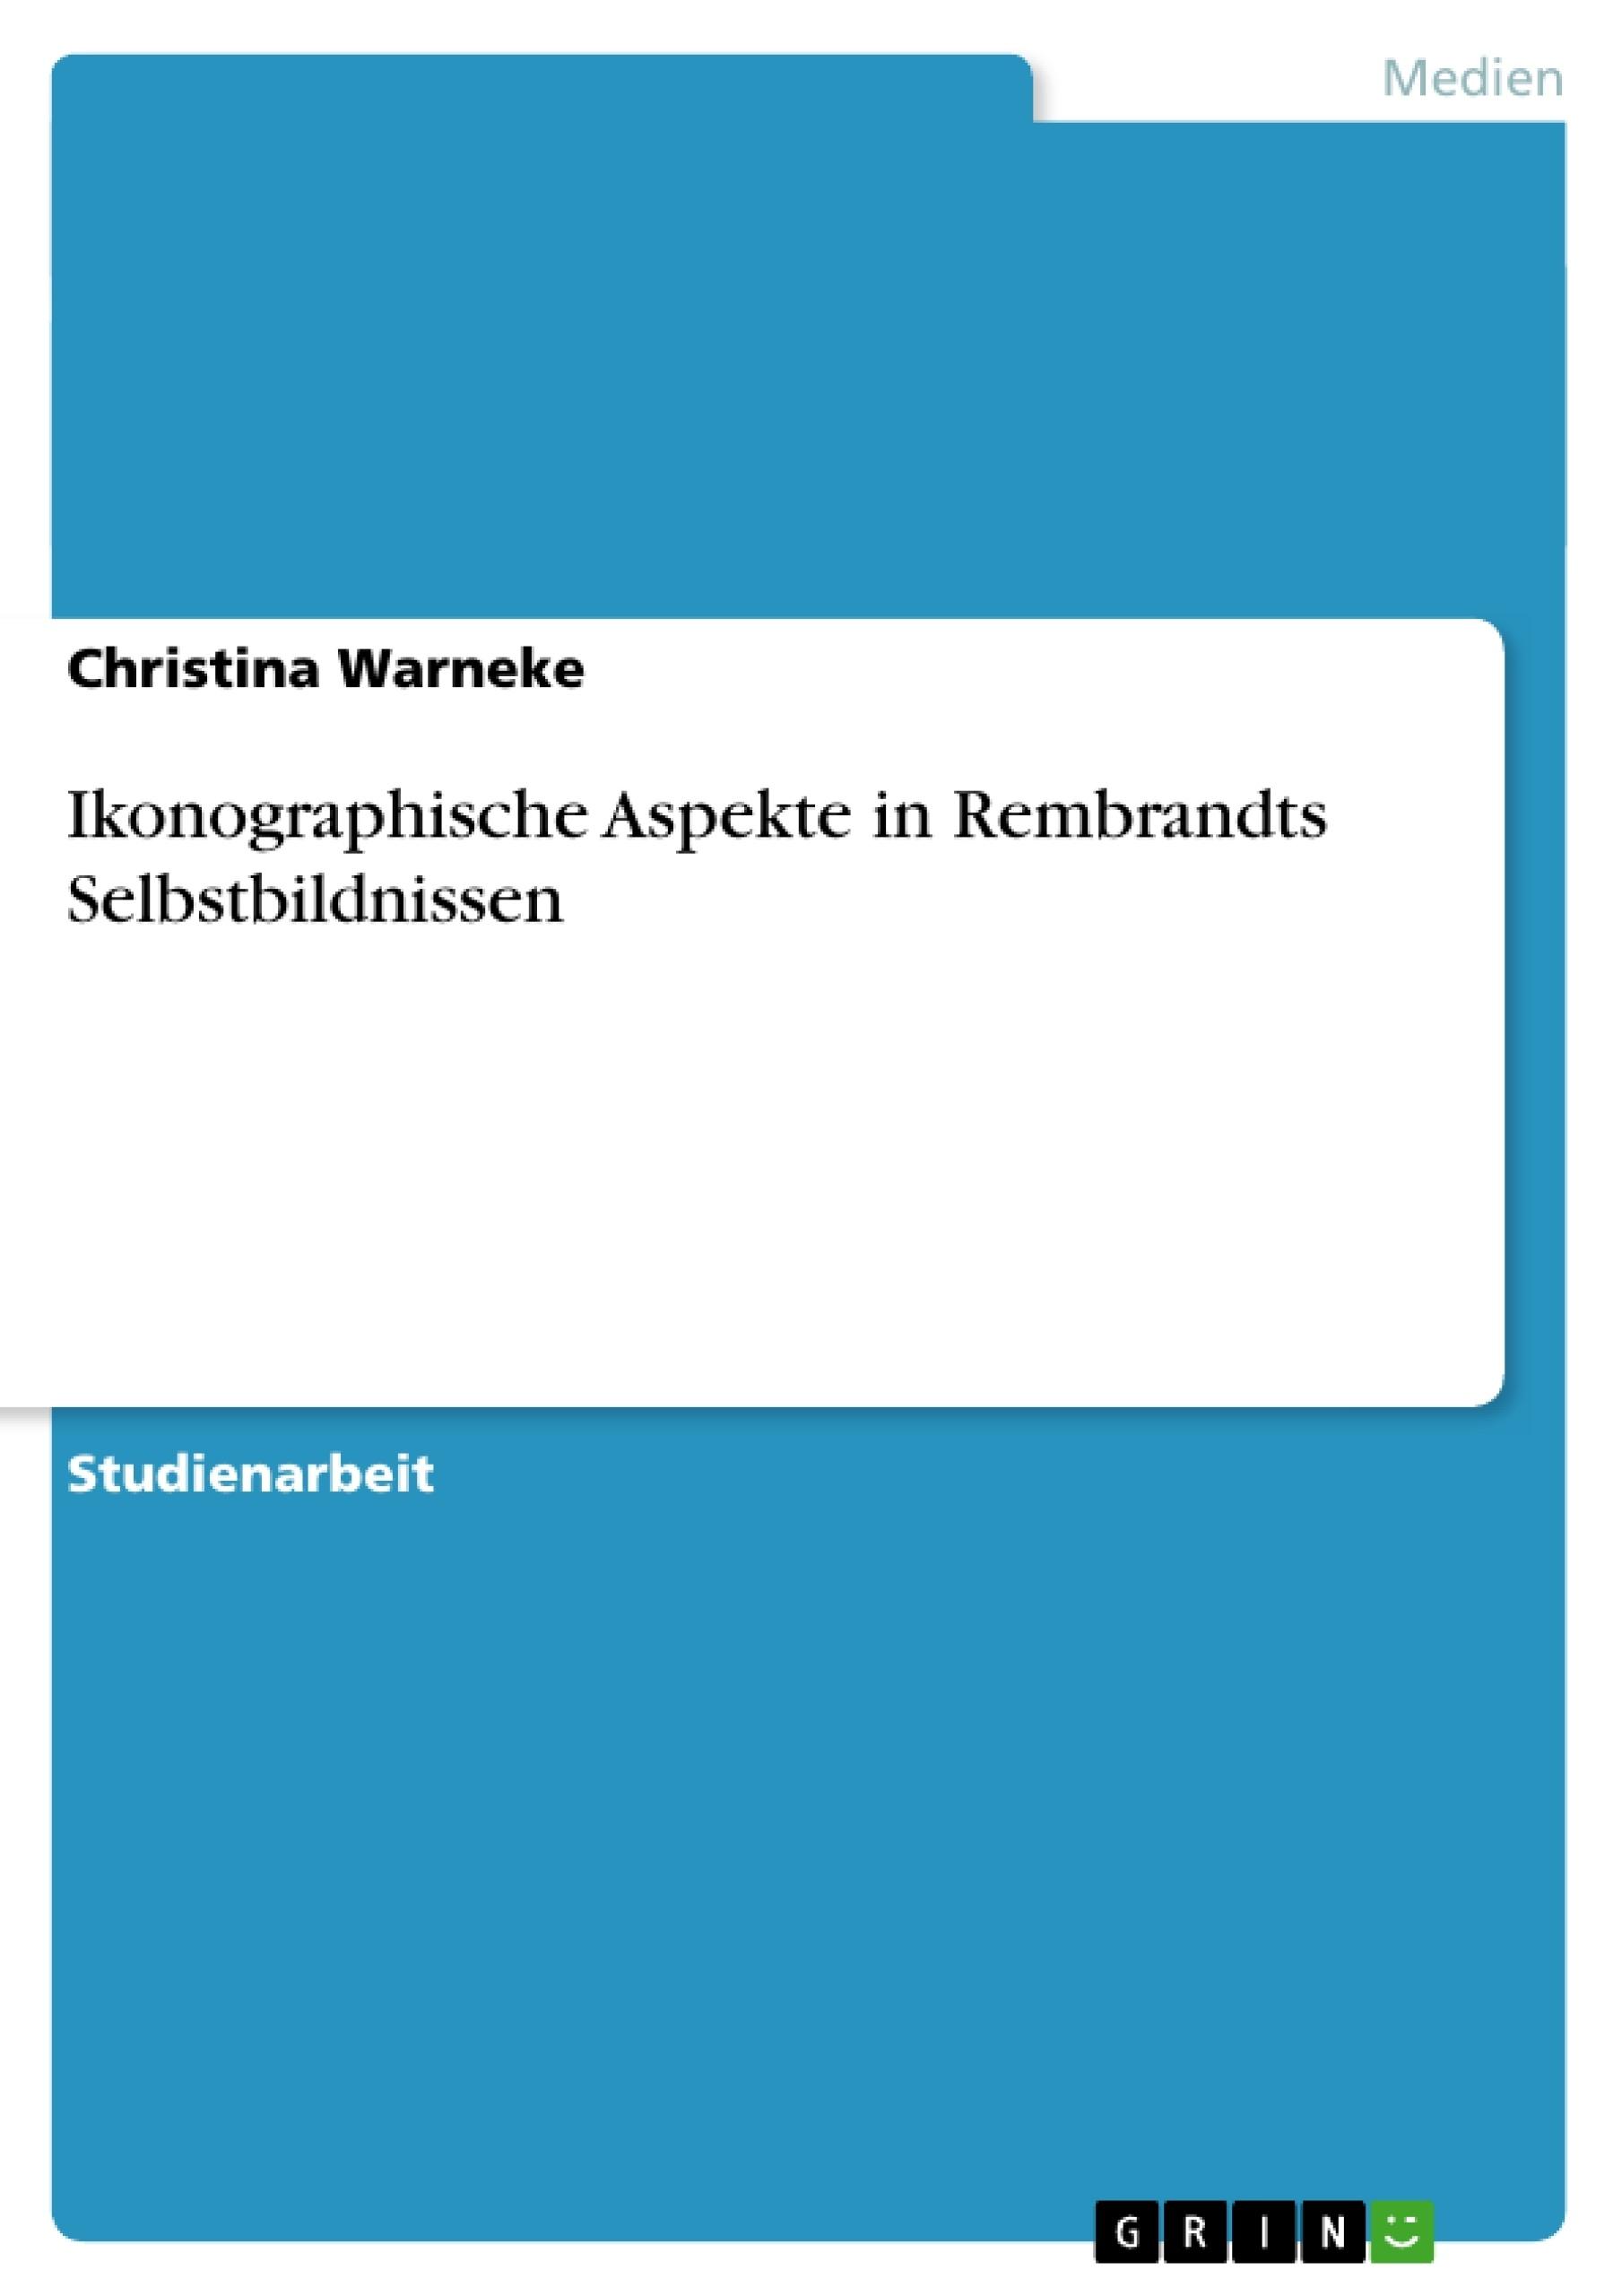 Titel: Ikonographische Aspekte in Rembrandts Selbstbildnissen